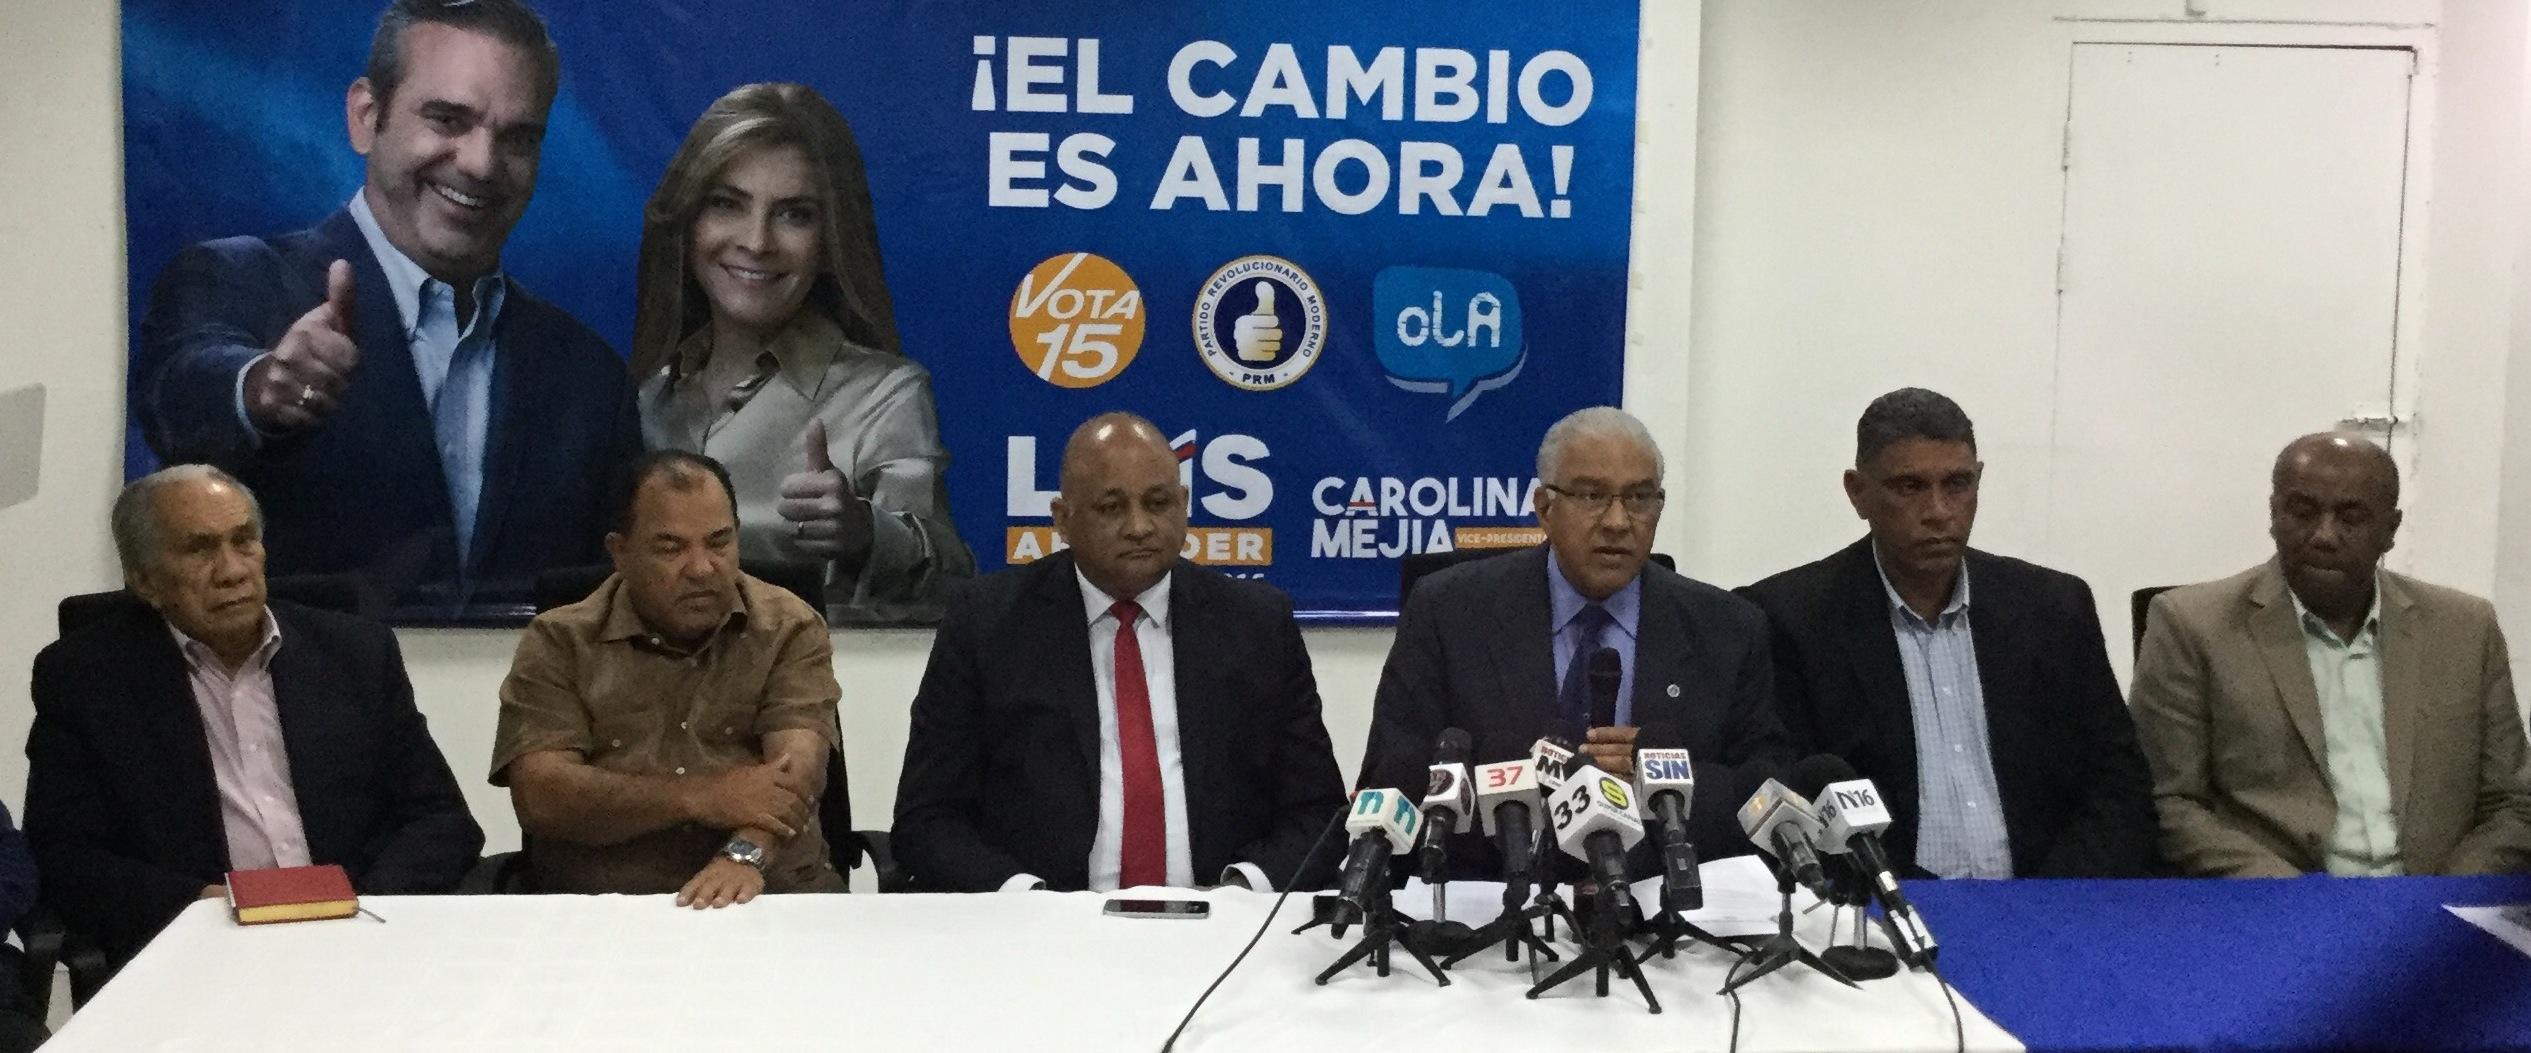 PRM responsabiliza a Medina  de intervenir  en  licitación   de plantas para favorecer a Odebrecht